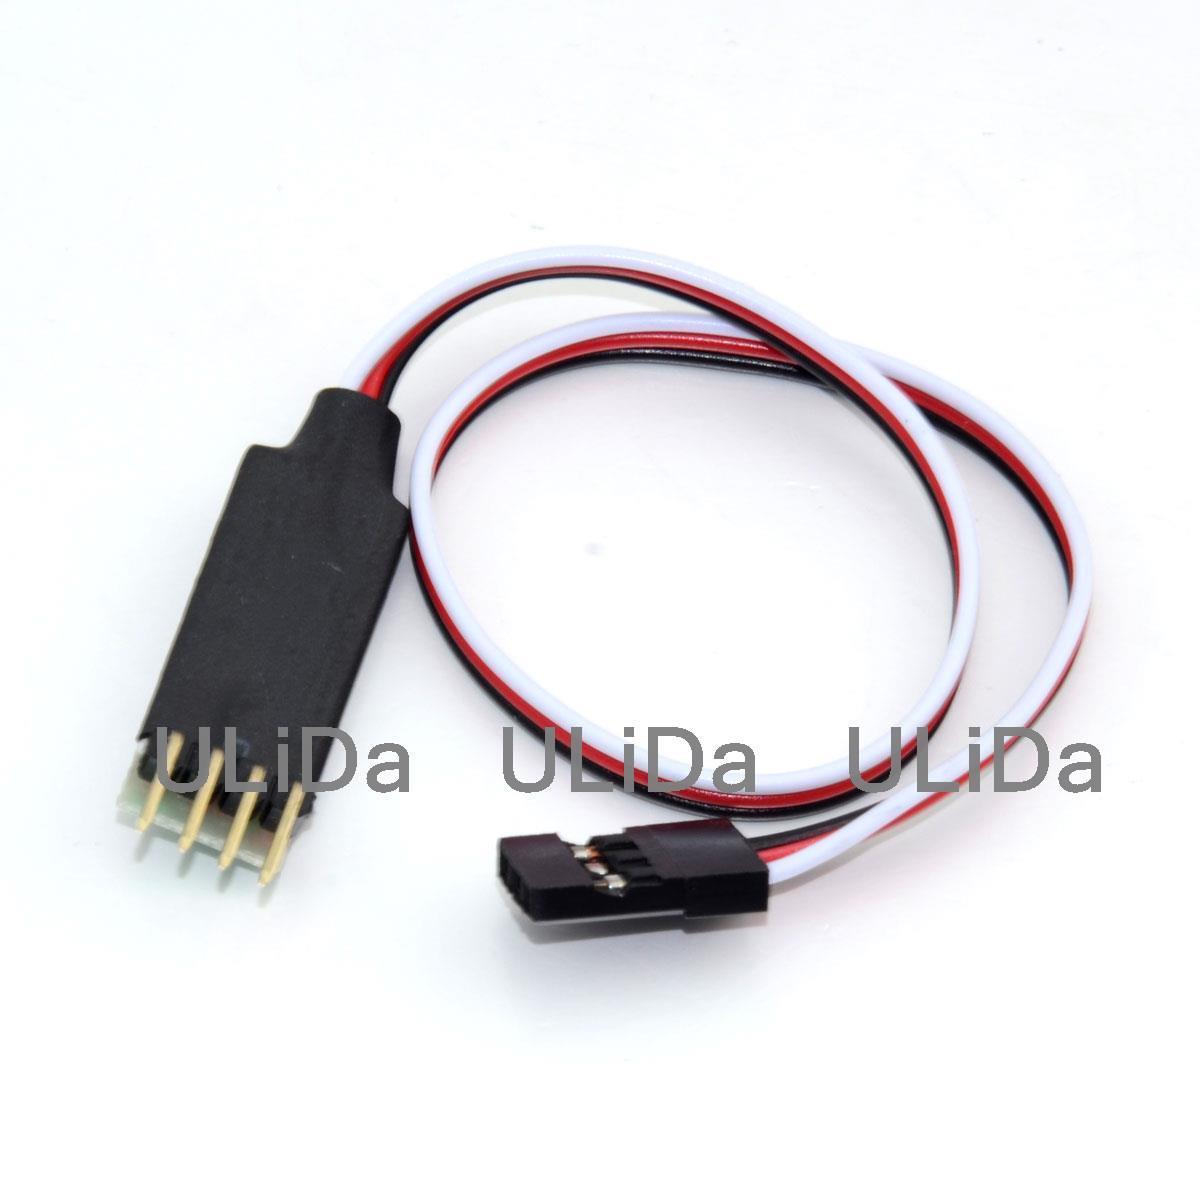 3CH светодиодный светильник переключатель управления система включения/выключения вспышки для радиоуправляемой модели автомобиля